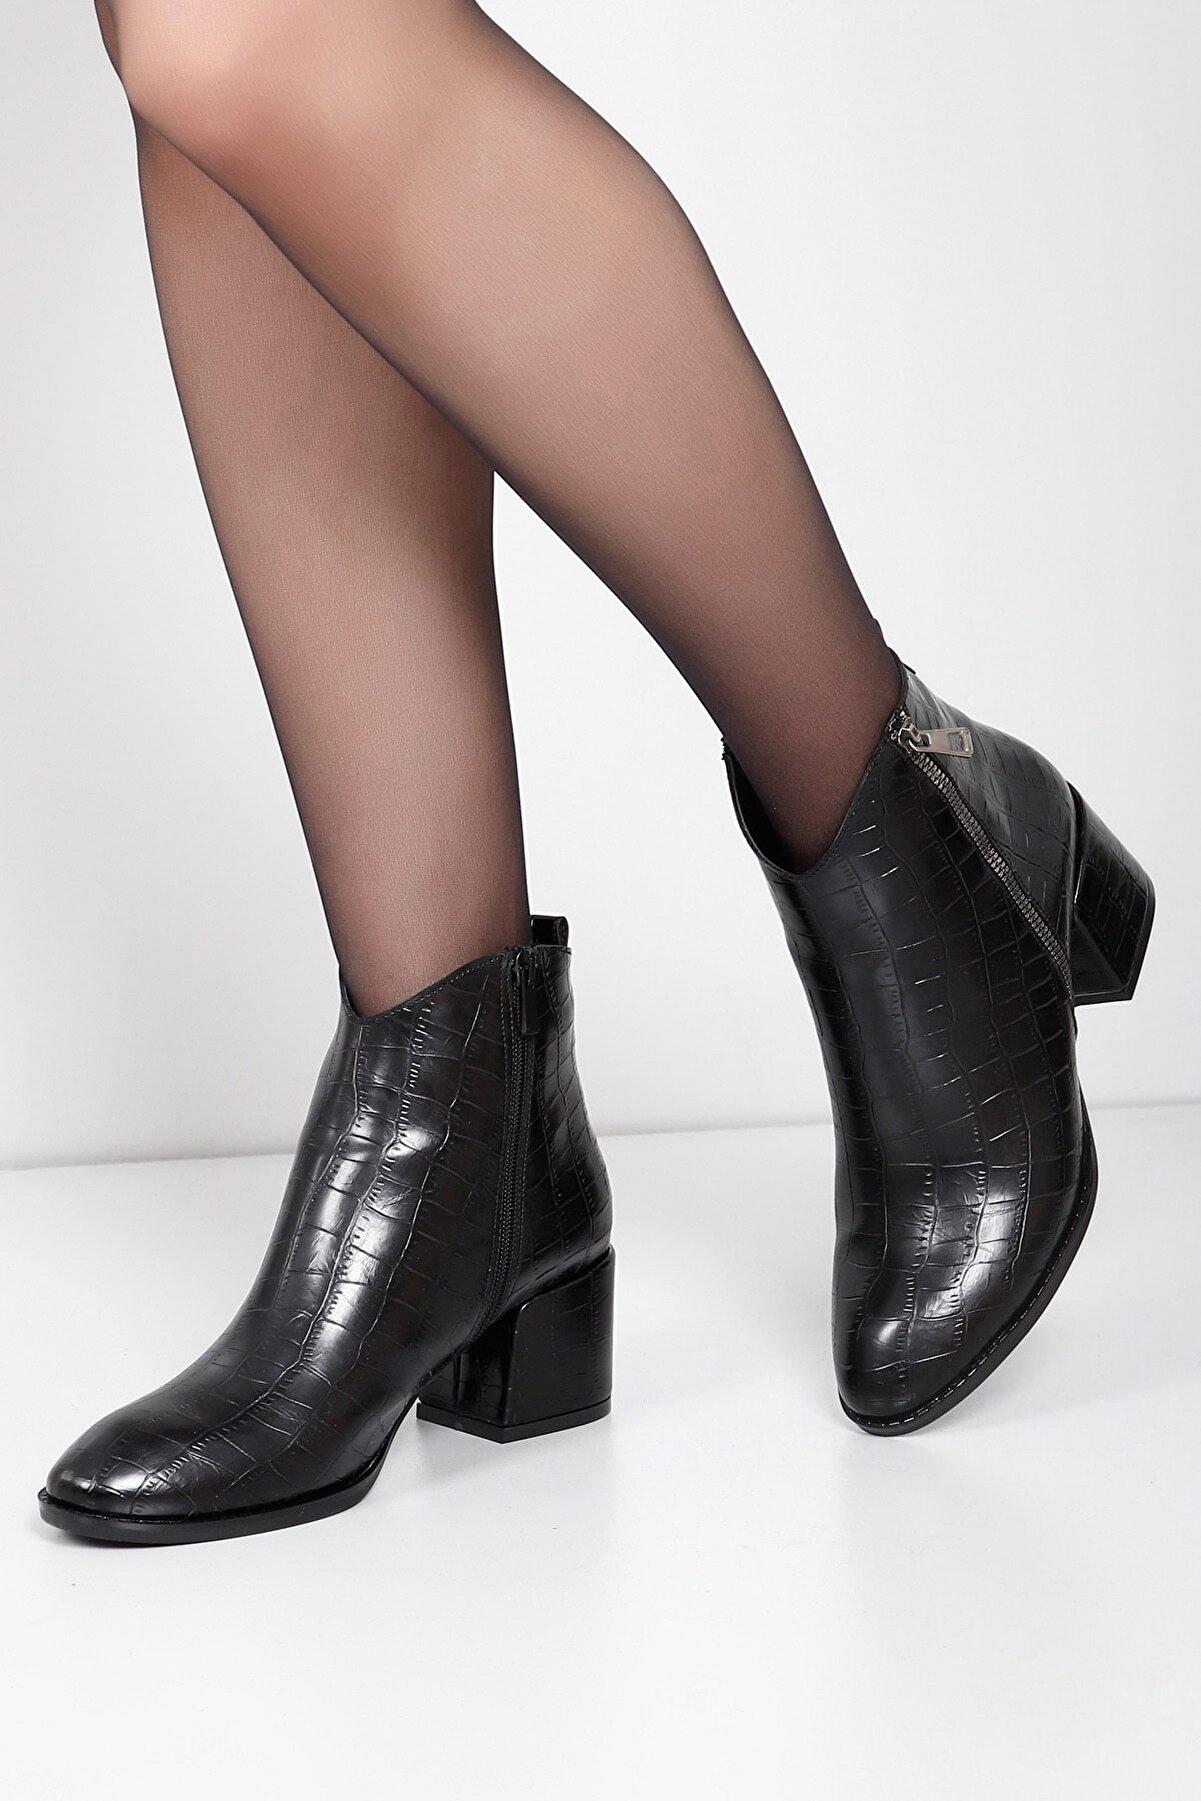 GÖNDERİ(R) Gön Siyah Krako Fermuarlı Sivri Burun Kısa Topuk Günlük Kadın Bot 38001